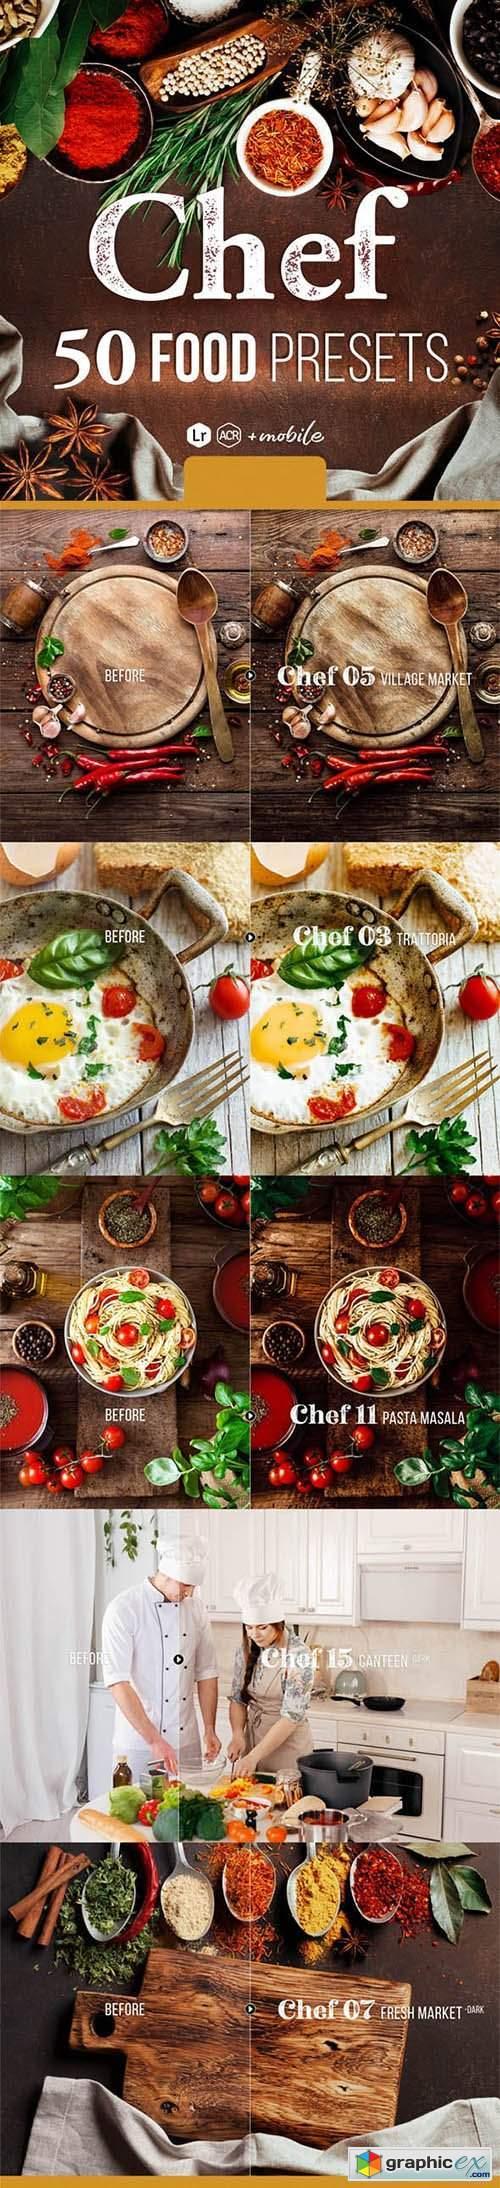 Chef - 50 Food Presets for Lightroom & Photoshop